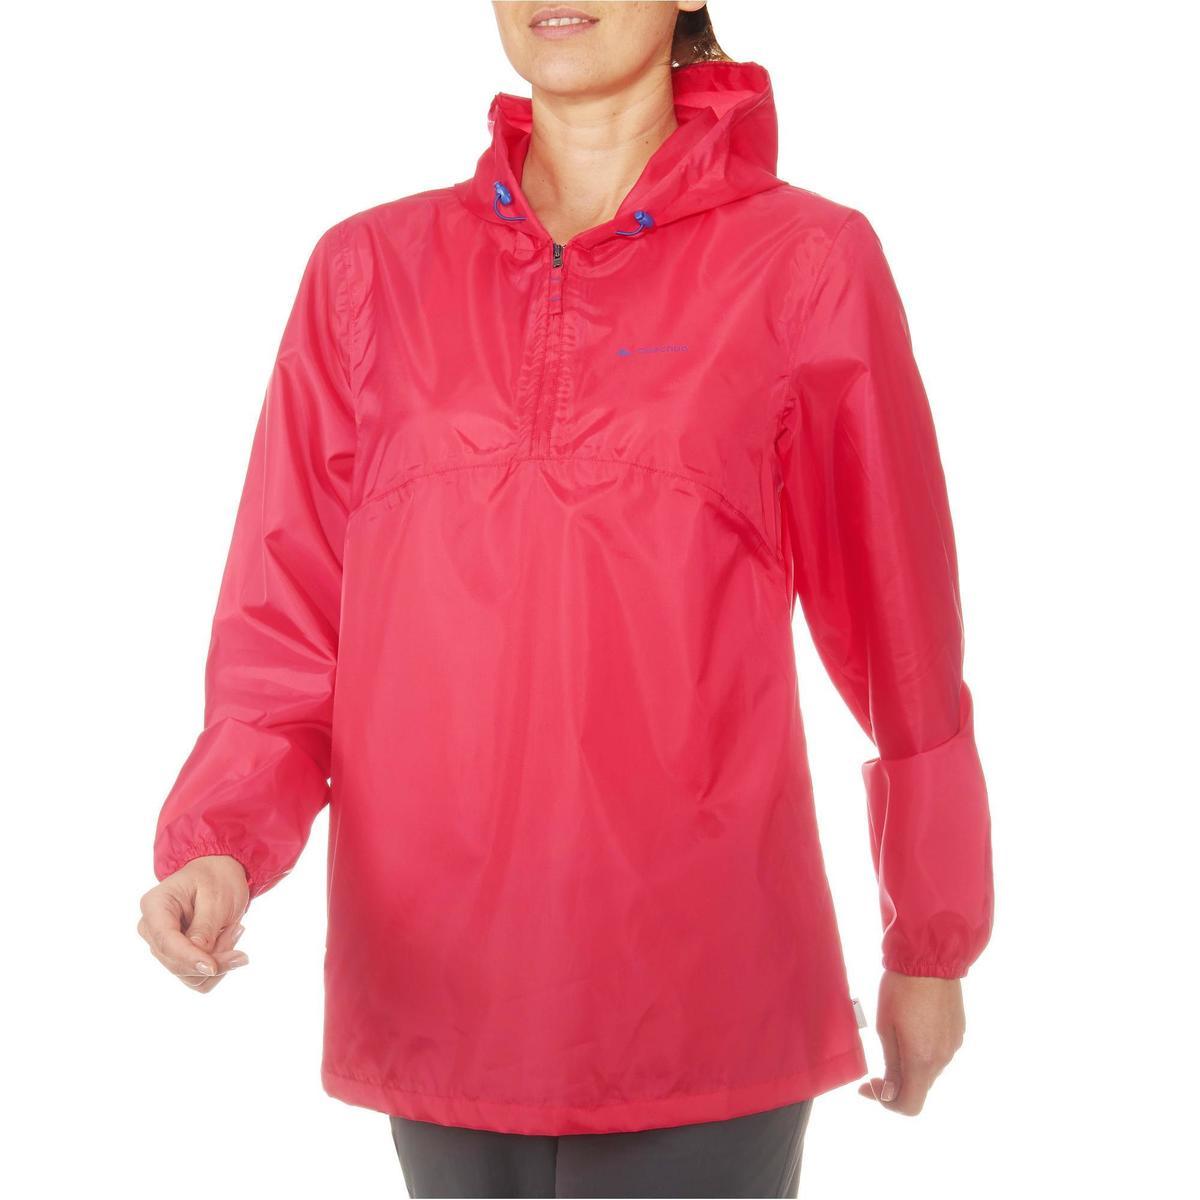 Bild 3 von Regenjacke Raincut Damen rot